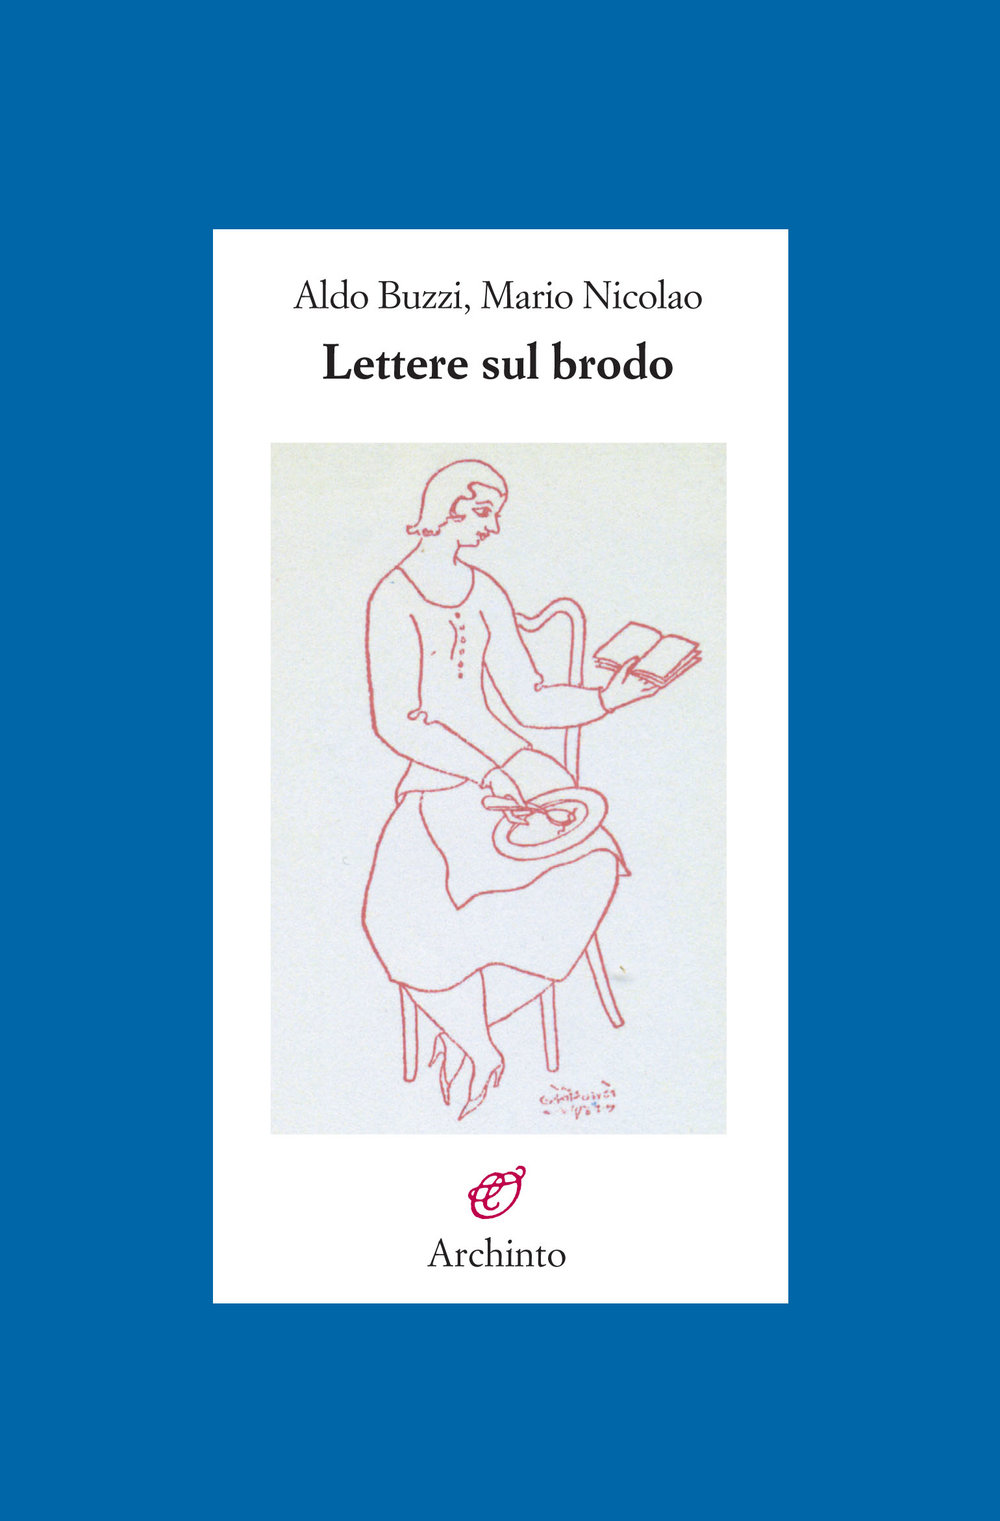 lettere_sul_brodo_cop.jpg